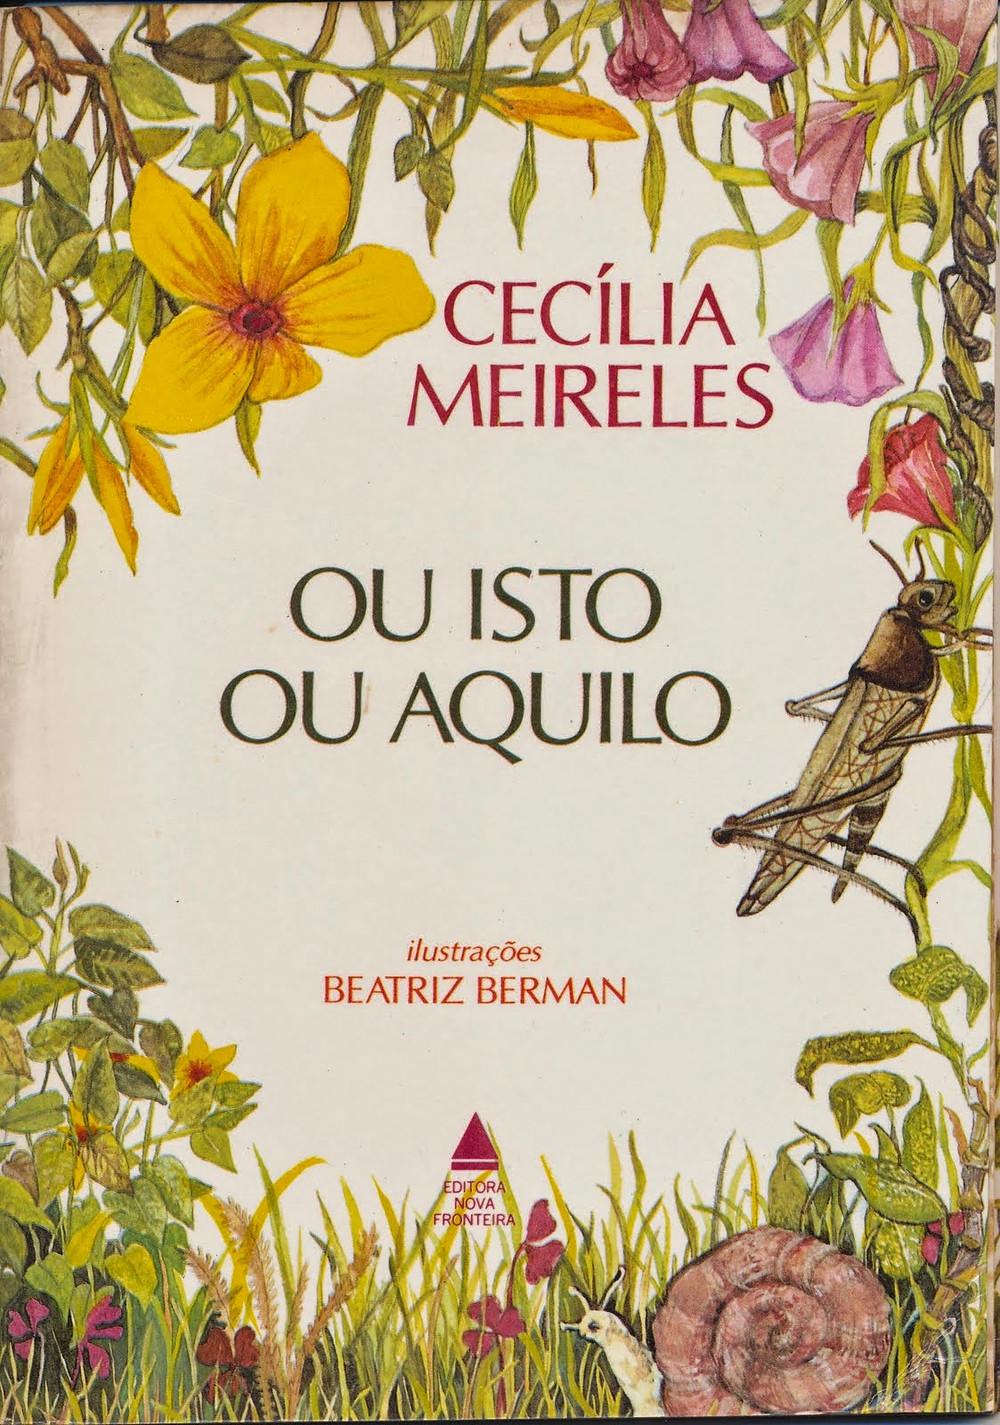 Ou Isto ou aquilo_ Cecília Meireles